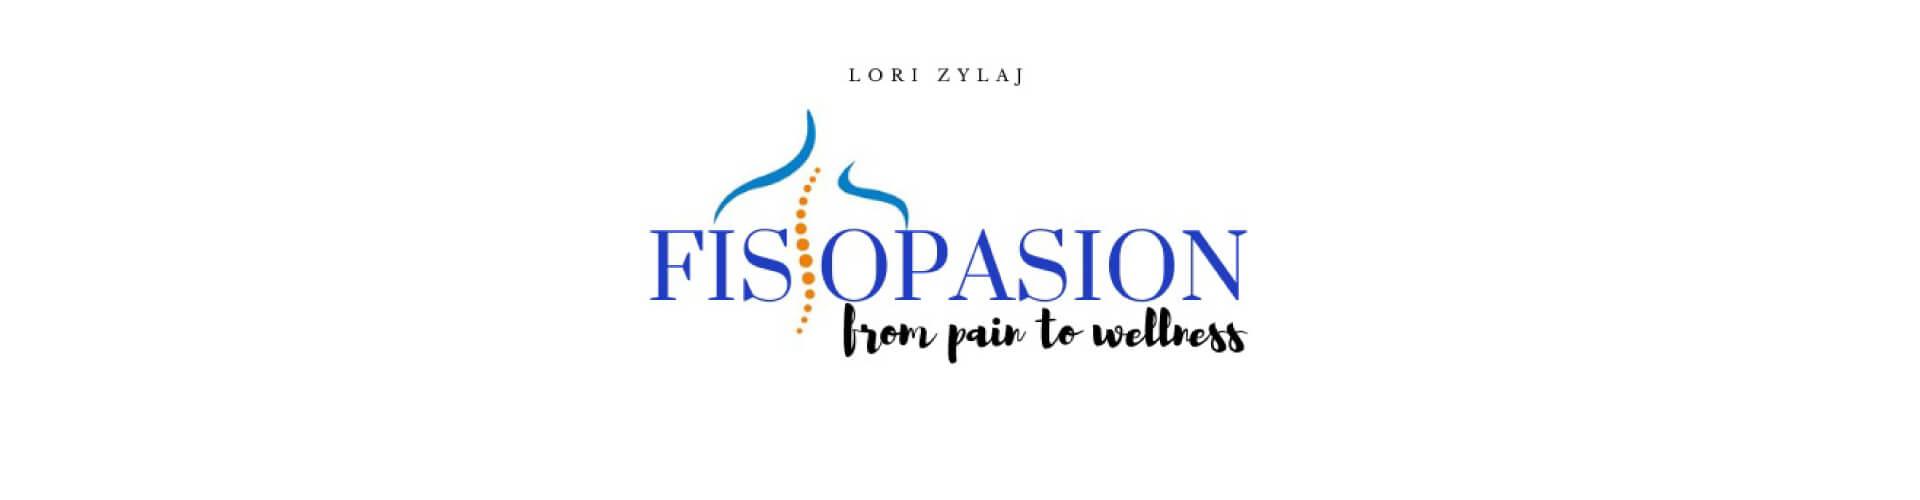 fisi-passion-cover